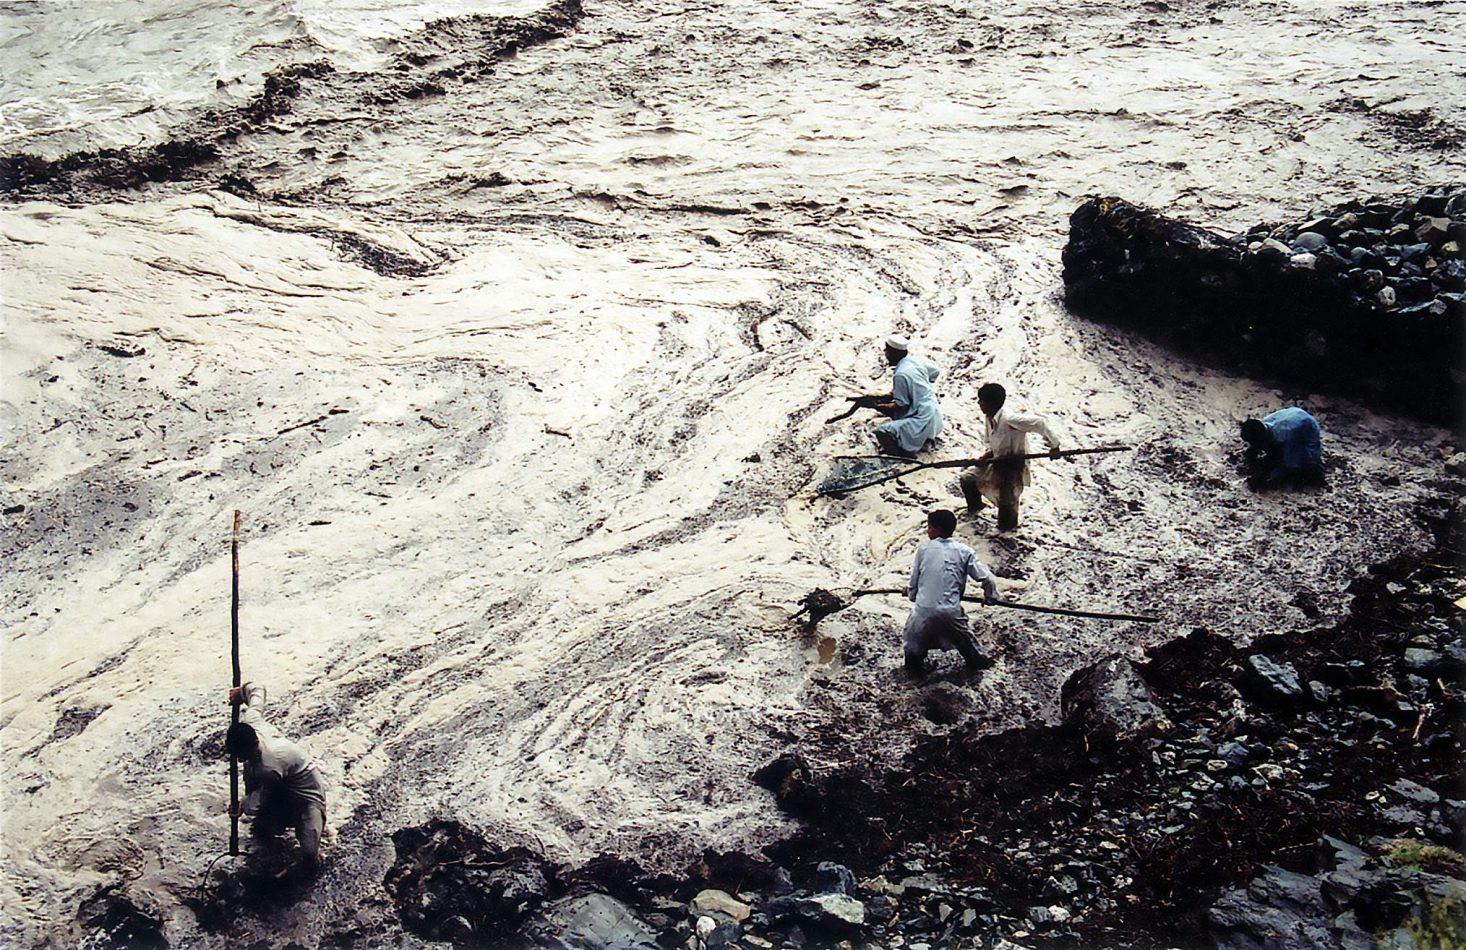 Anthony Ellis Photography: Zindabad - Fishing for Wood in the Flood